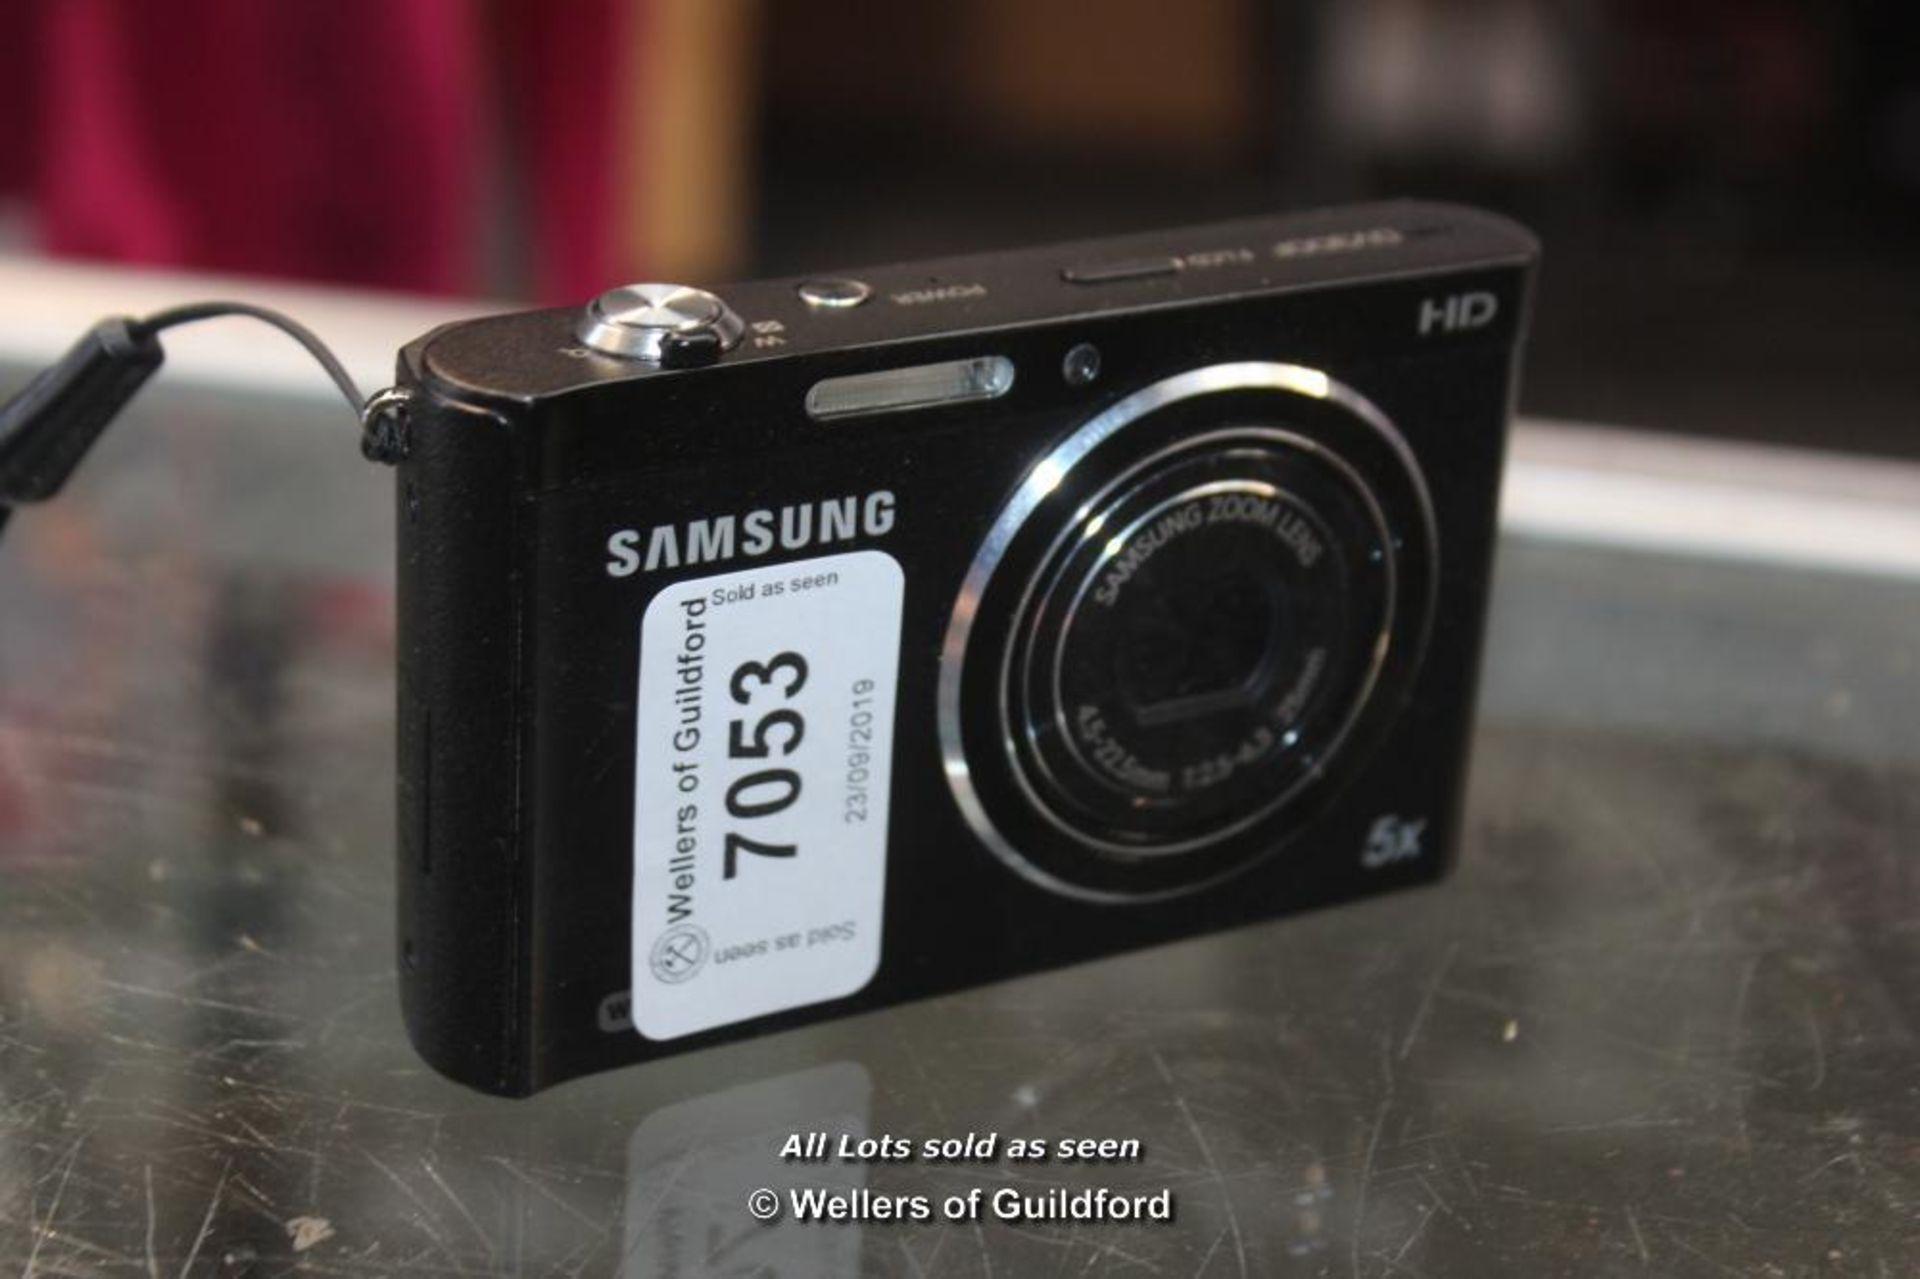 Lot 7053 - *SAMSUNG DV300F DIGITAL CAMERA [172-23/09]